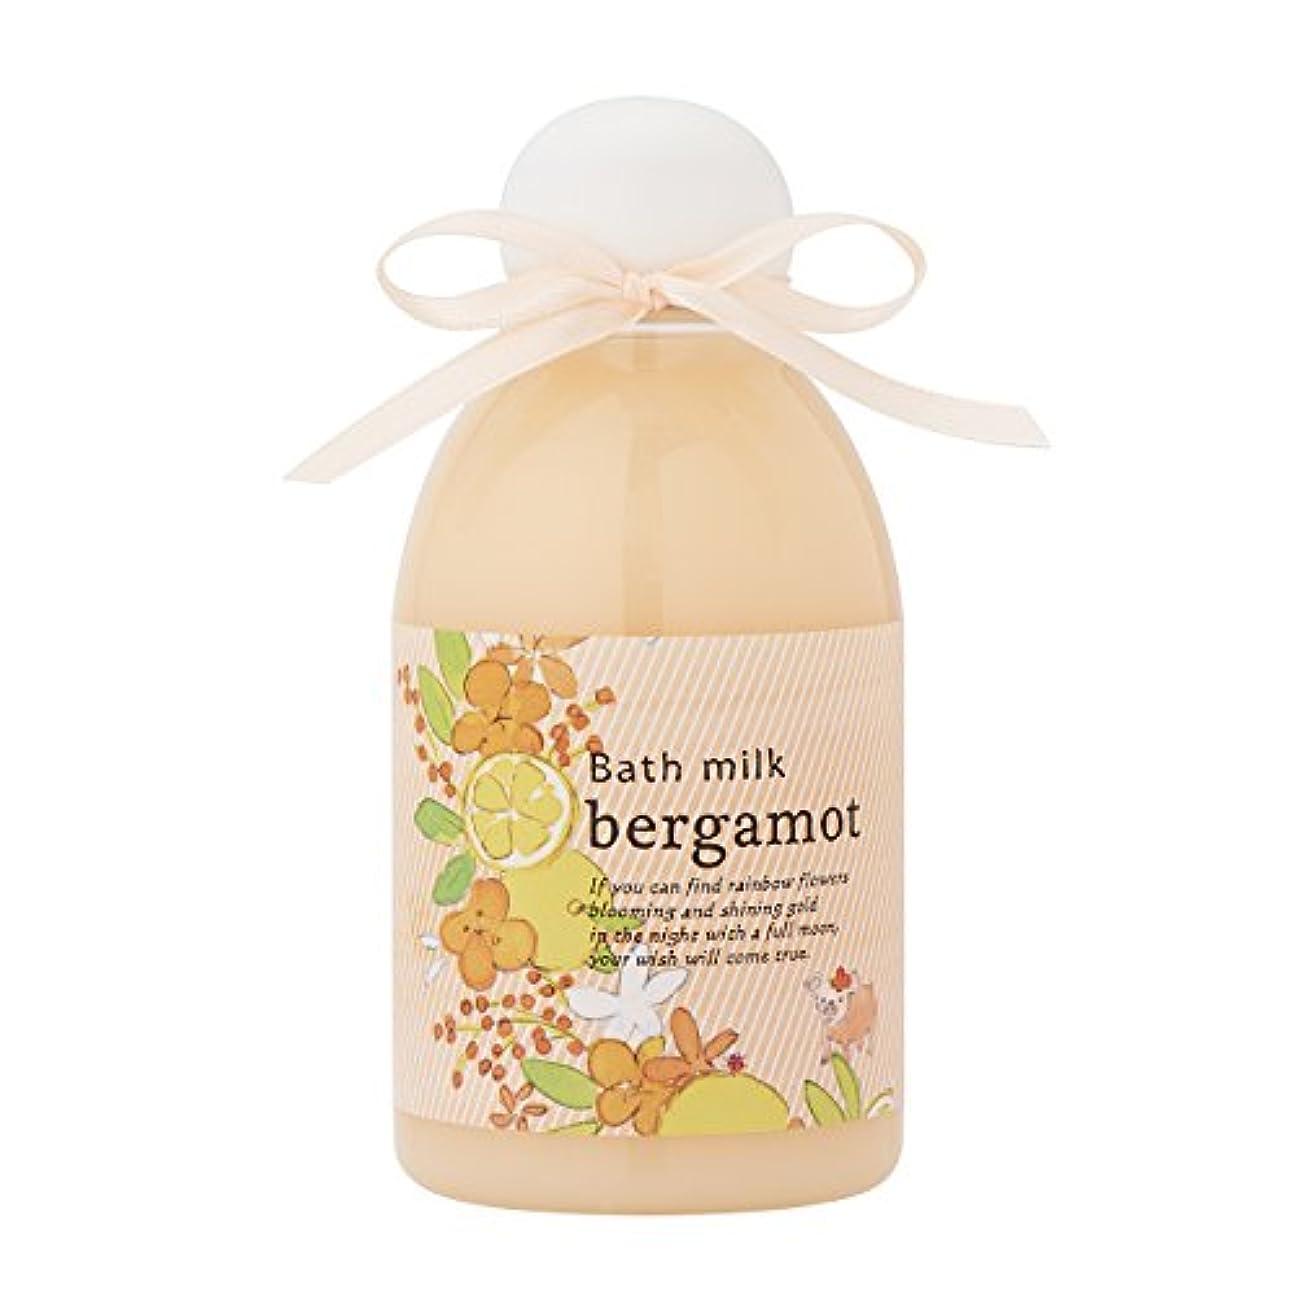 キャプチャー倉庫不変サンハーブ バスミルク ベルガモット 200ml(バブルバスタイプ入浴料 泡風呂 懐かしい甘酸っぱい香り)